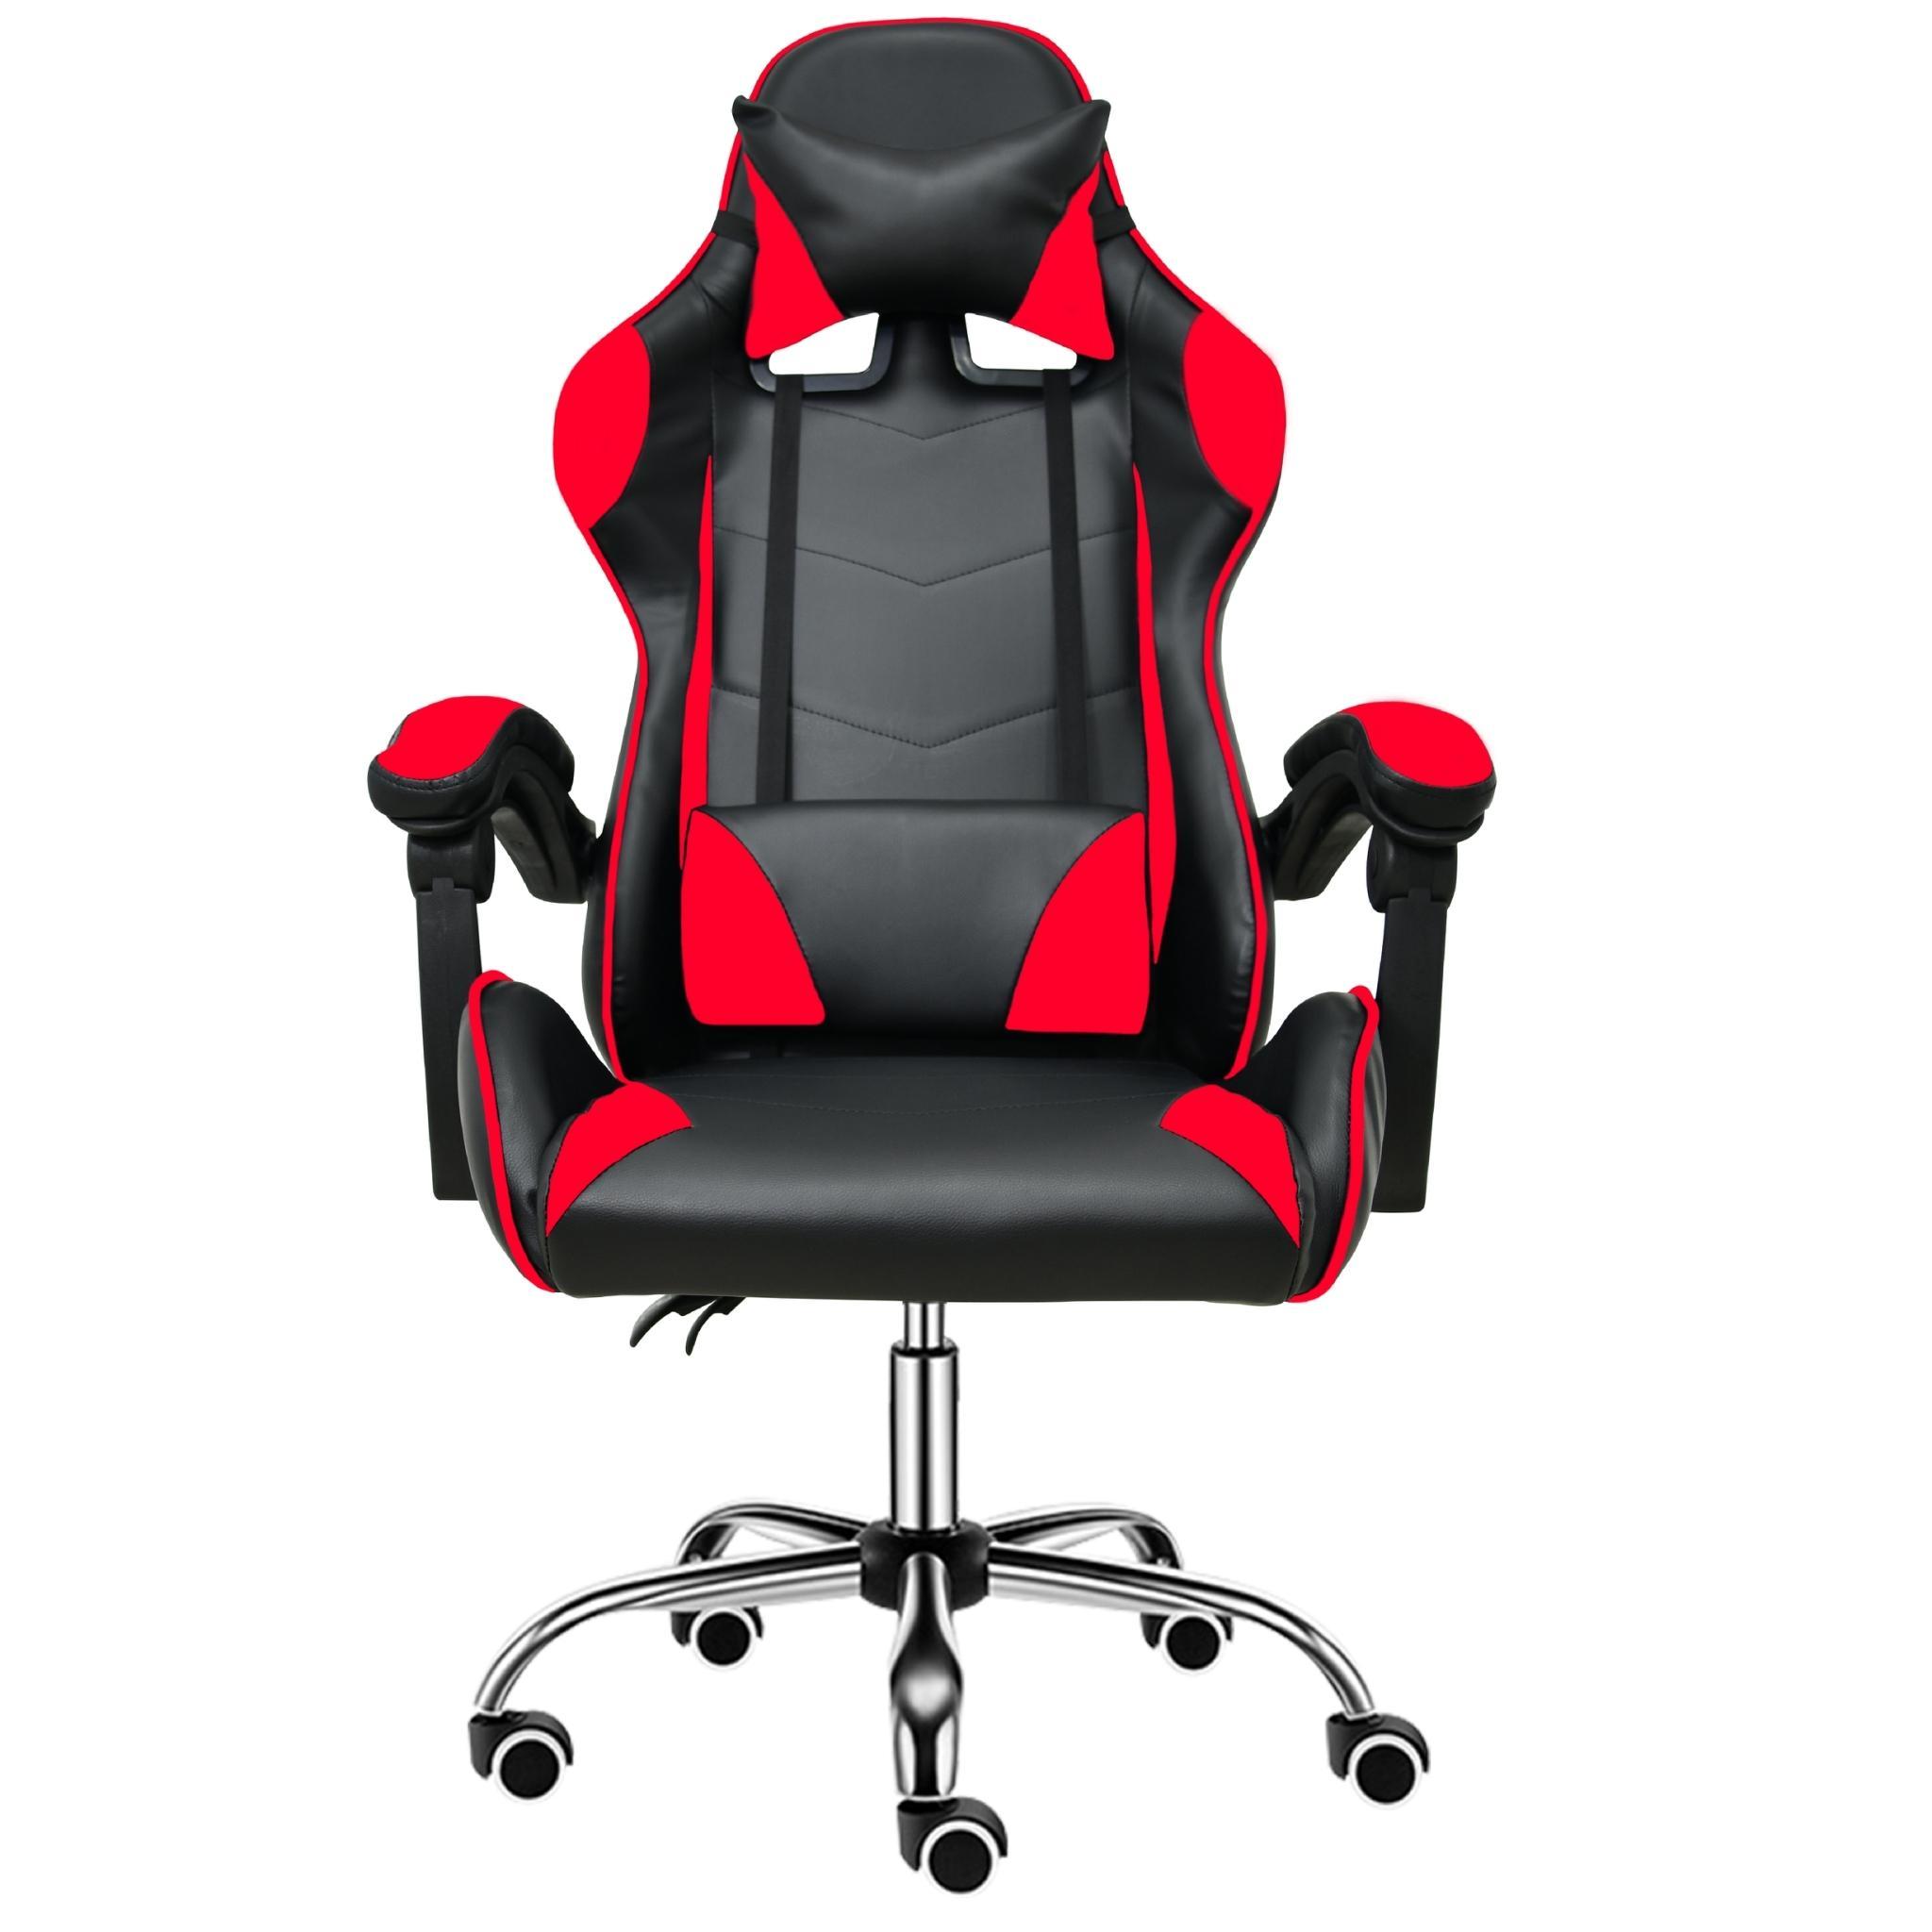 BG Ghế chơi game cao cấp dành cho các game thủ, chân xoay ngã 135 độ Mẫu E02N01 màu đỏ phối đen (Hàng nhập khẩu)